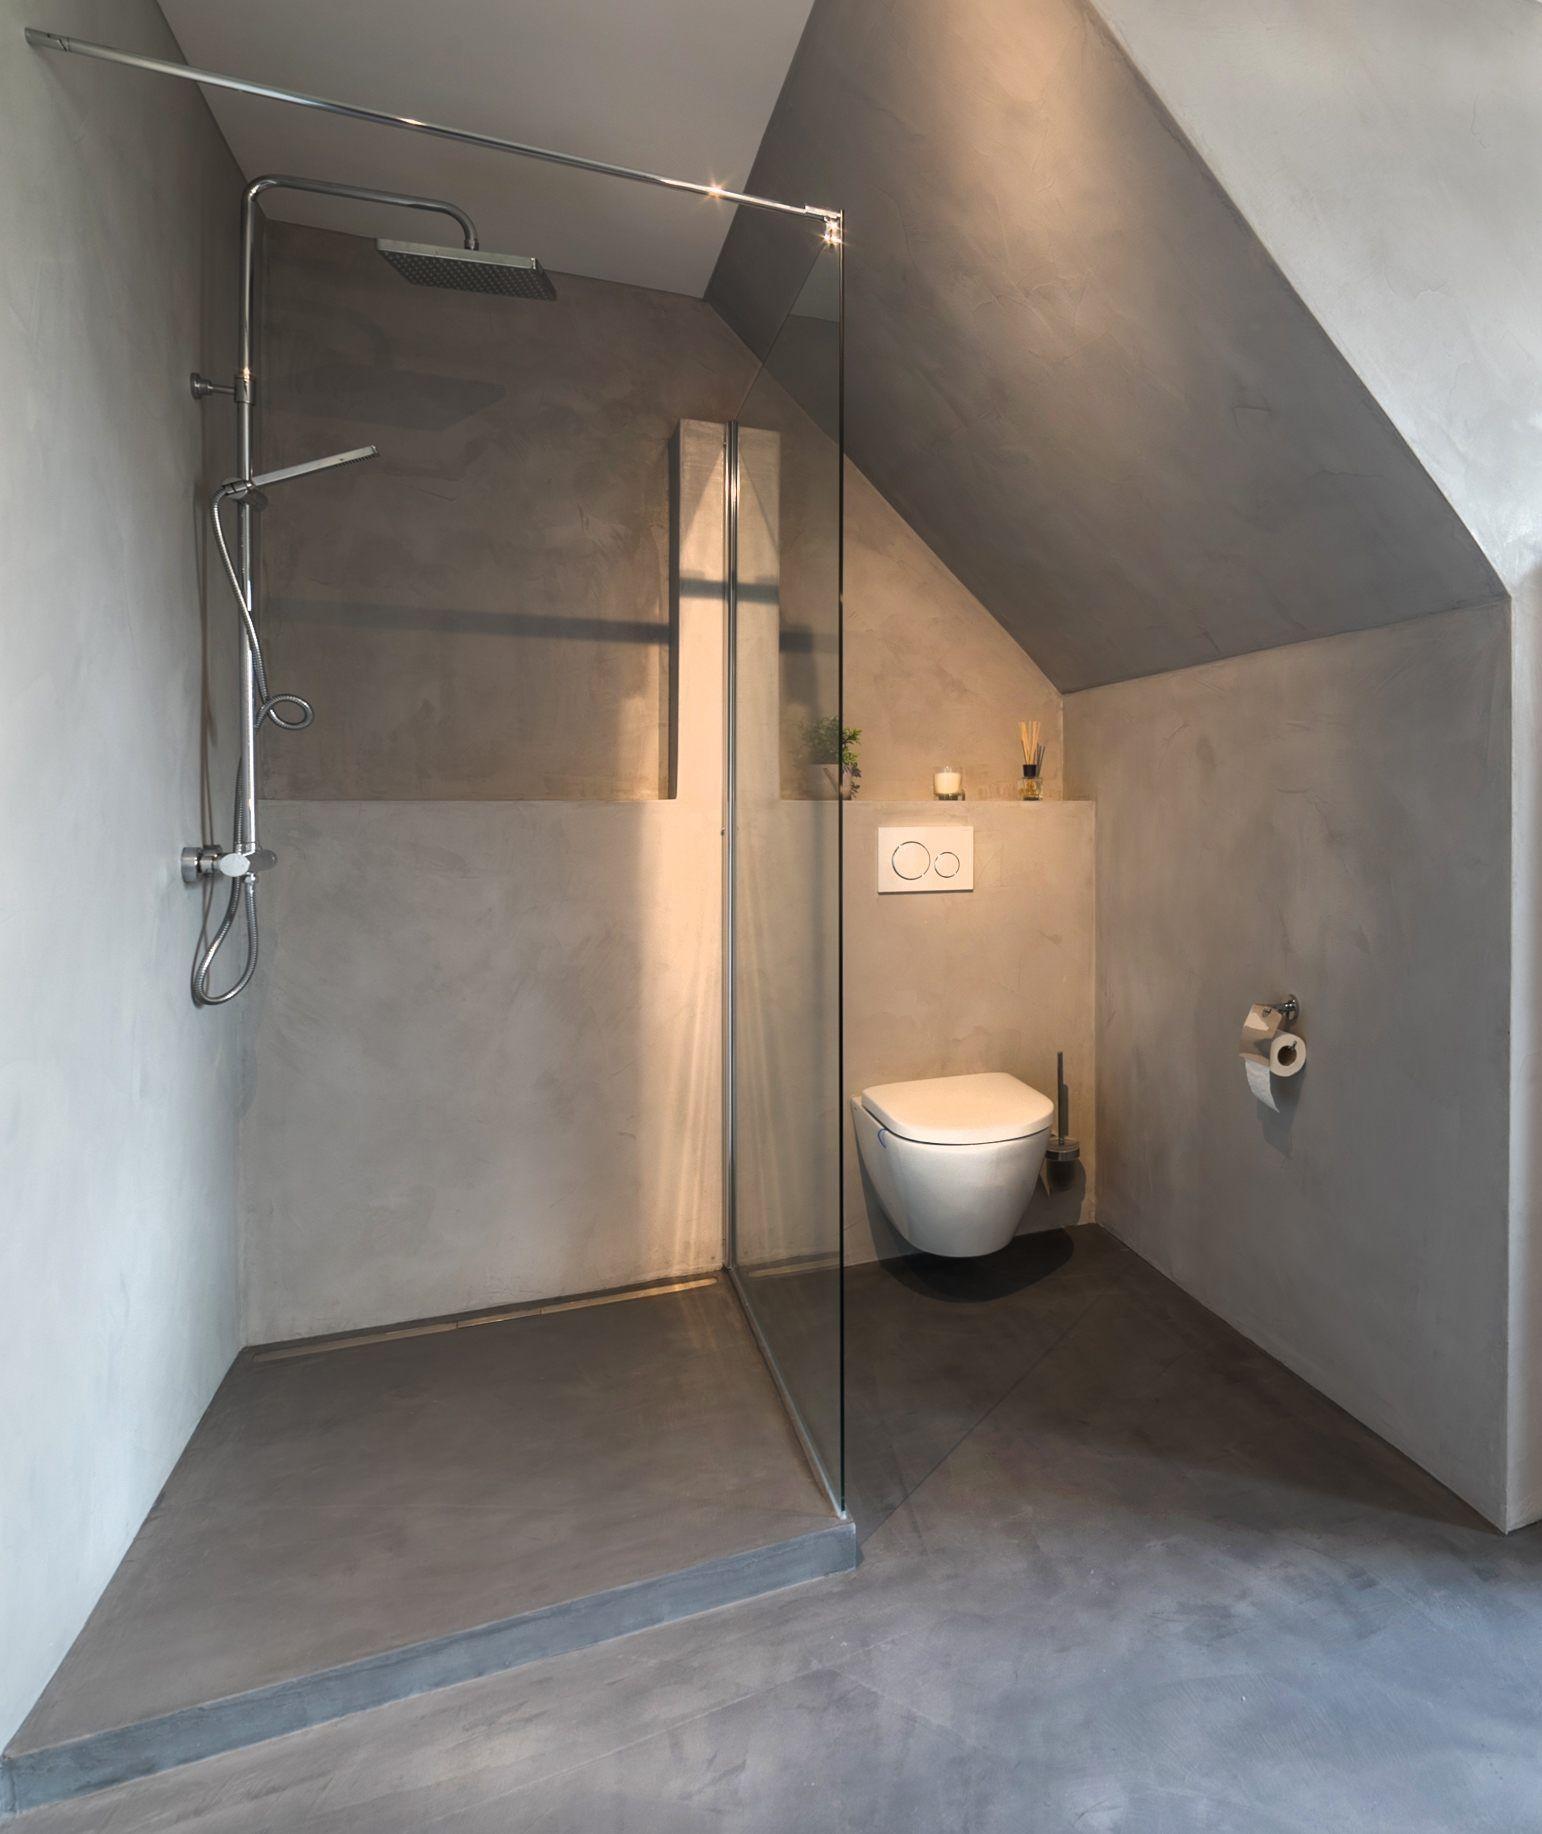 5 Beton Cire Bader Fugenloses Design Raumkonzept Trier Eintagamsee Badezimmer Renovieren Badezimmer Bad Renovieren